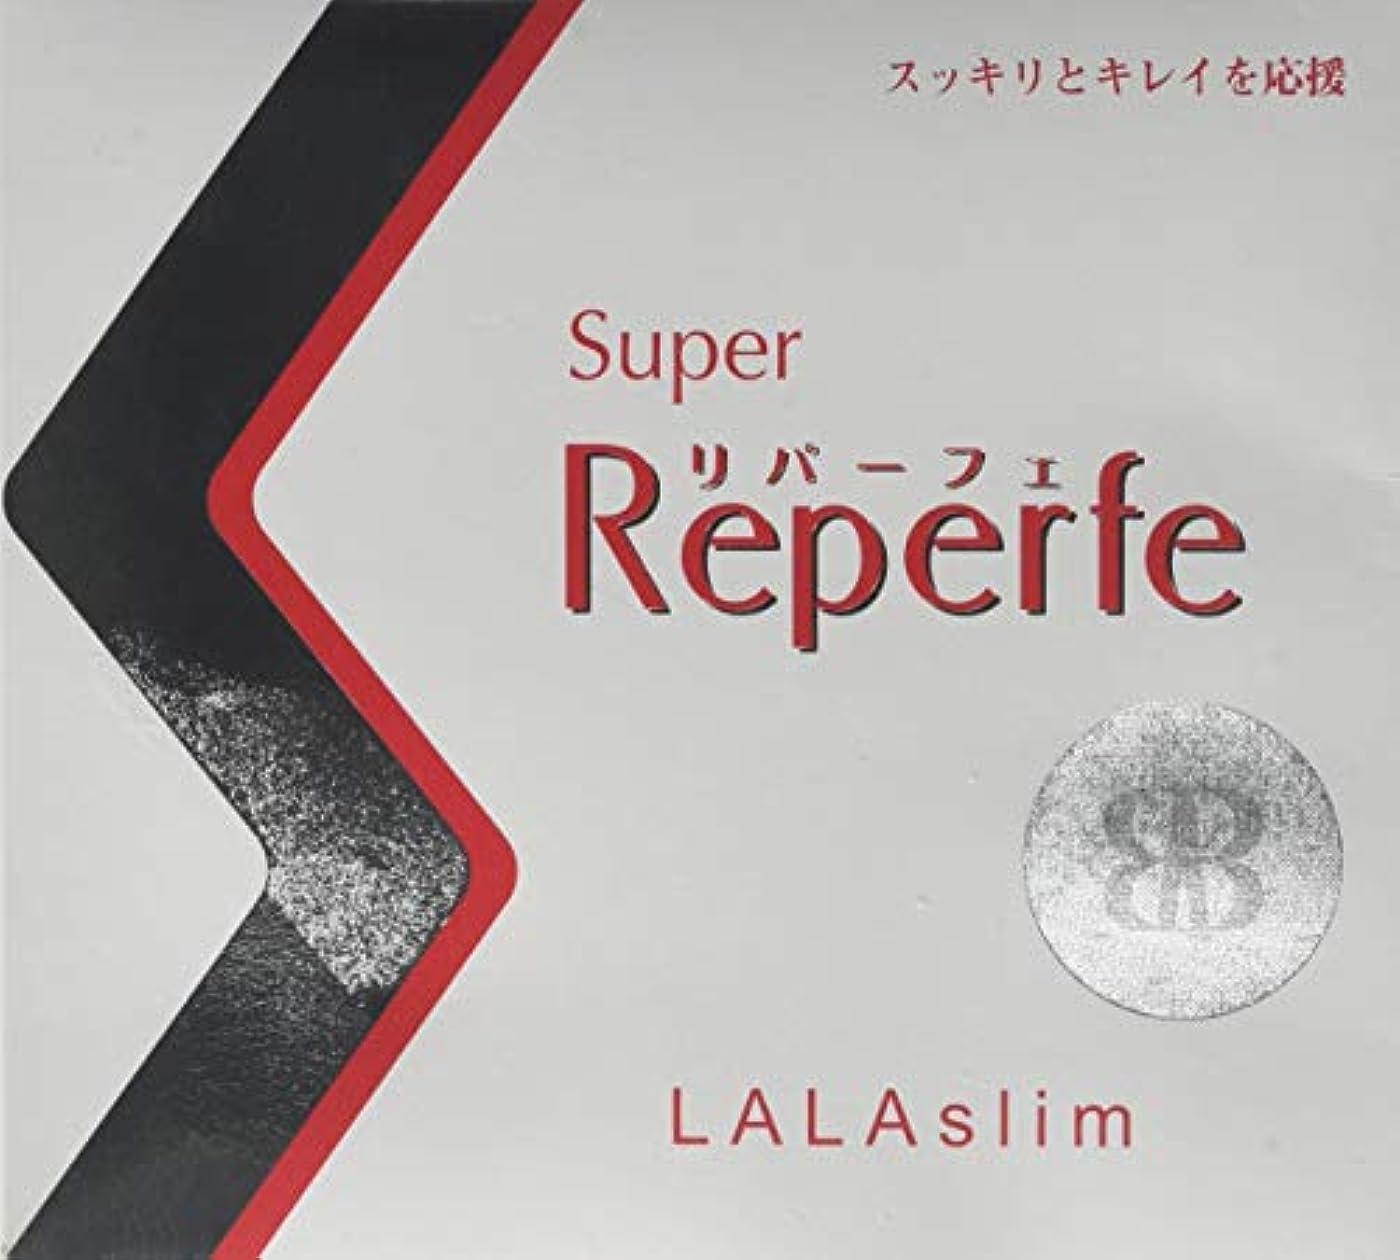 天皇補足チームスーパーリパーフェ ララスリム 錠剤タイプ×5箱